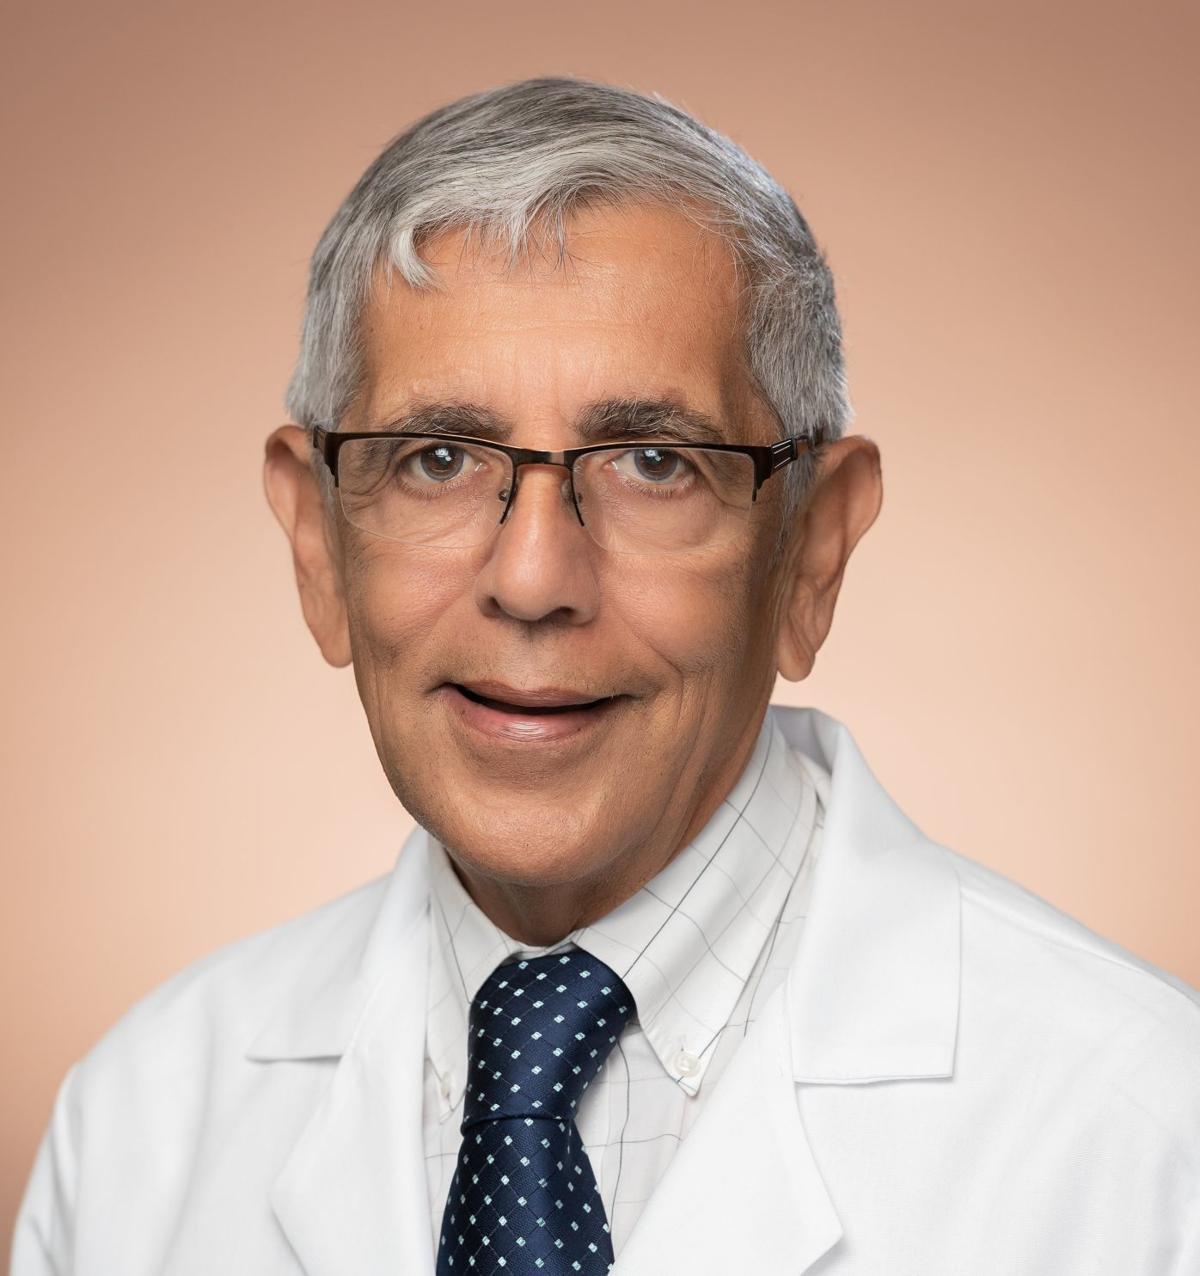 Dr. Frank Meza